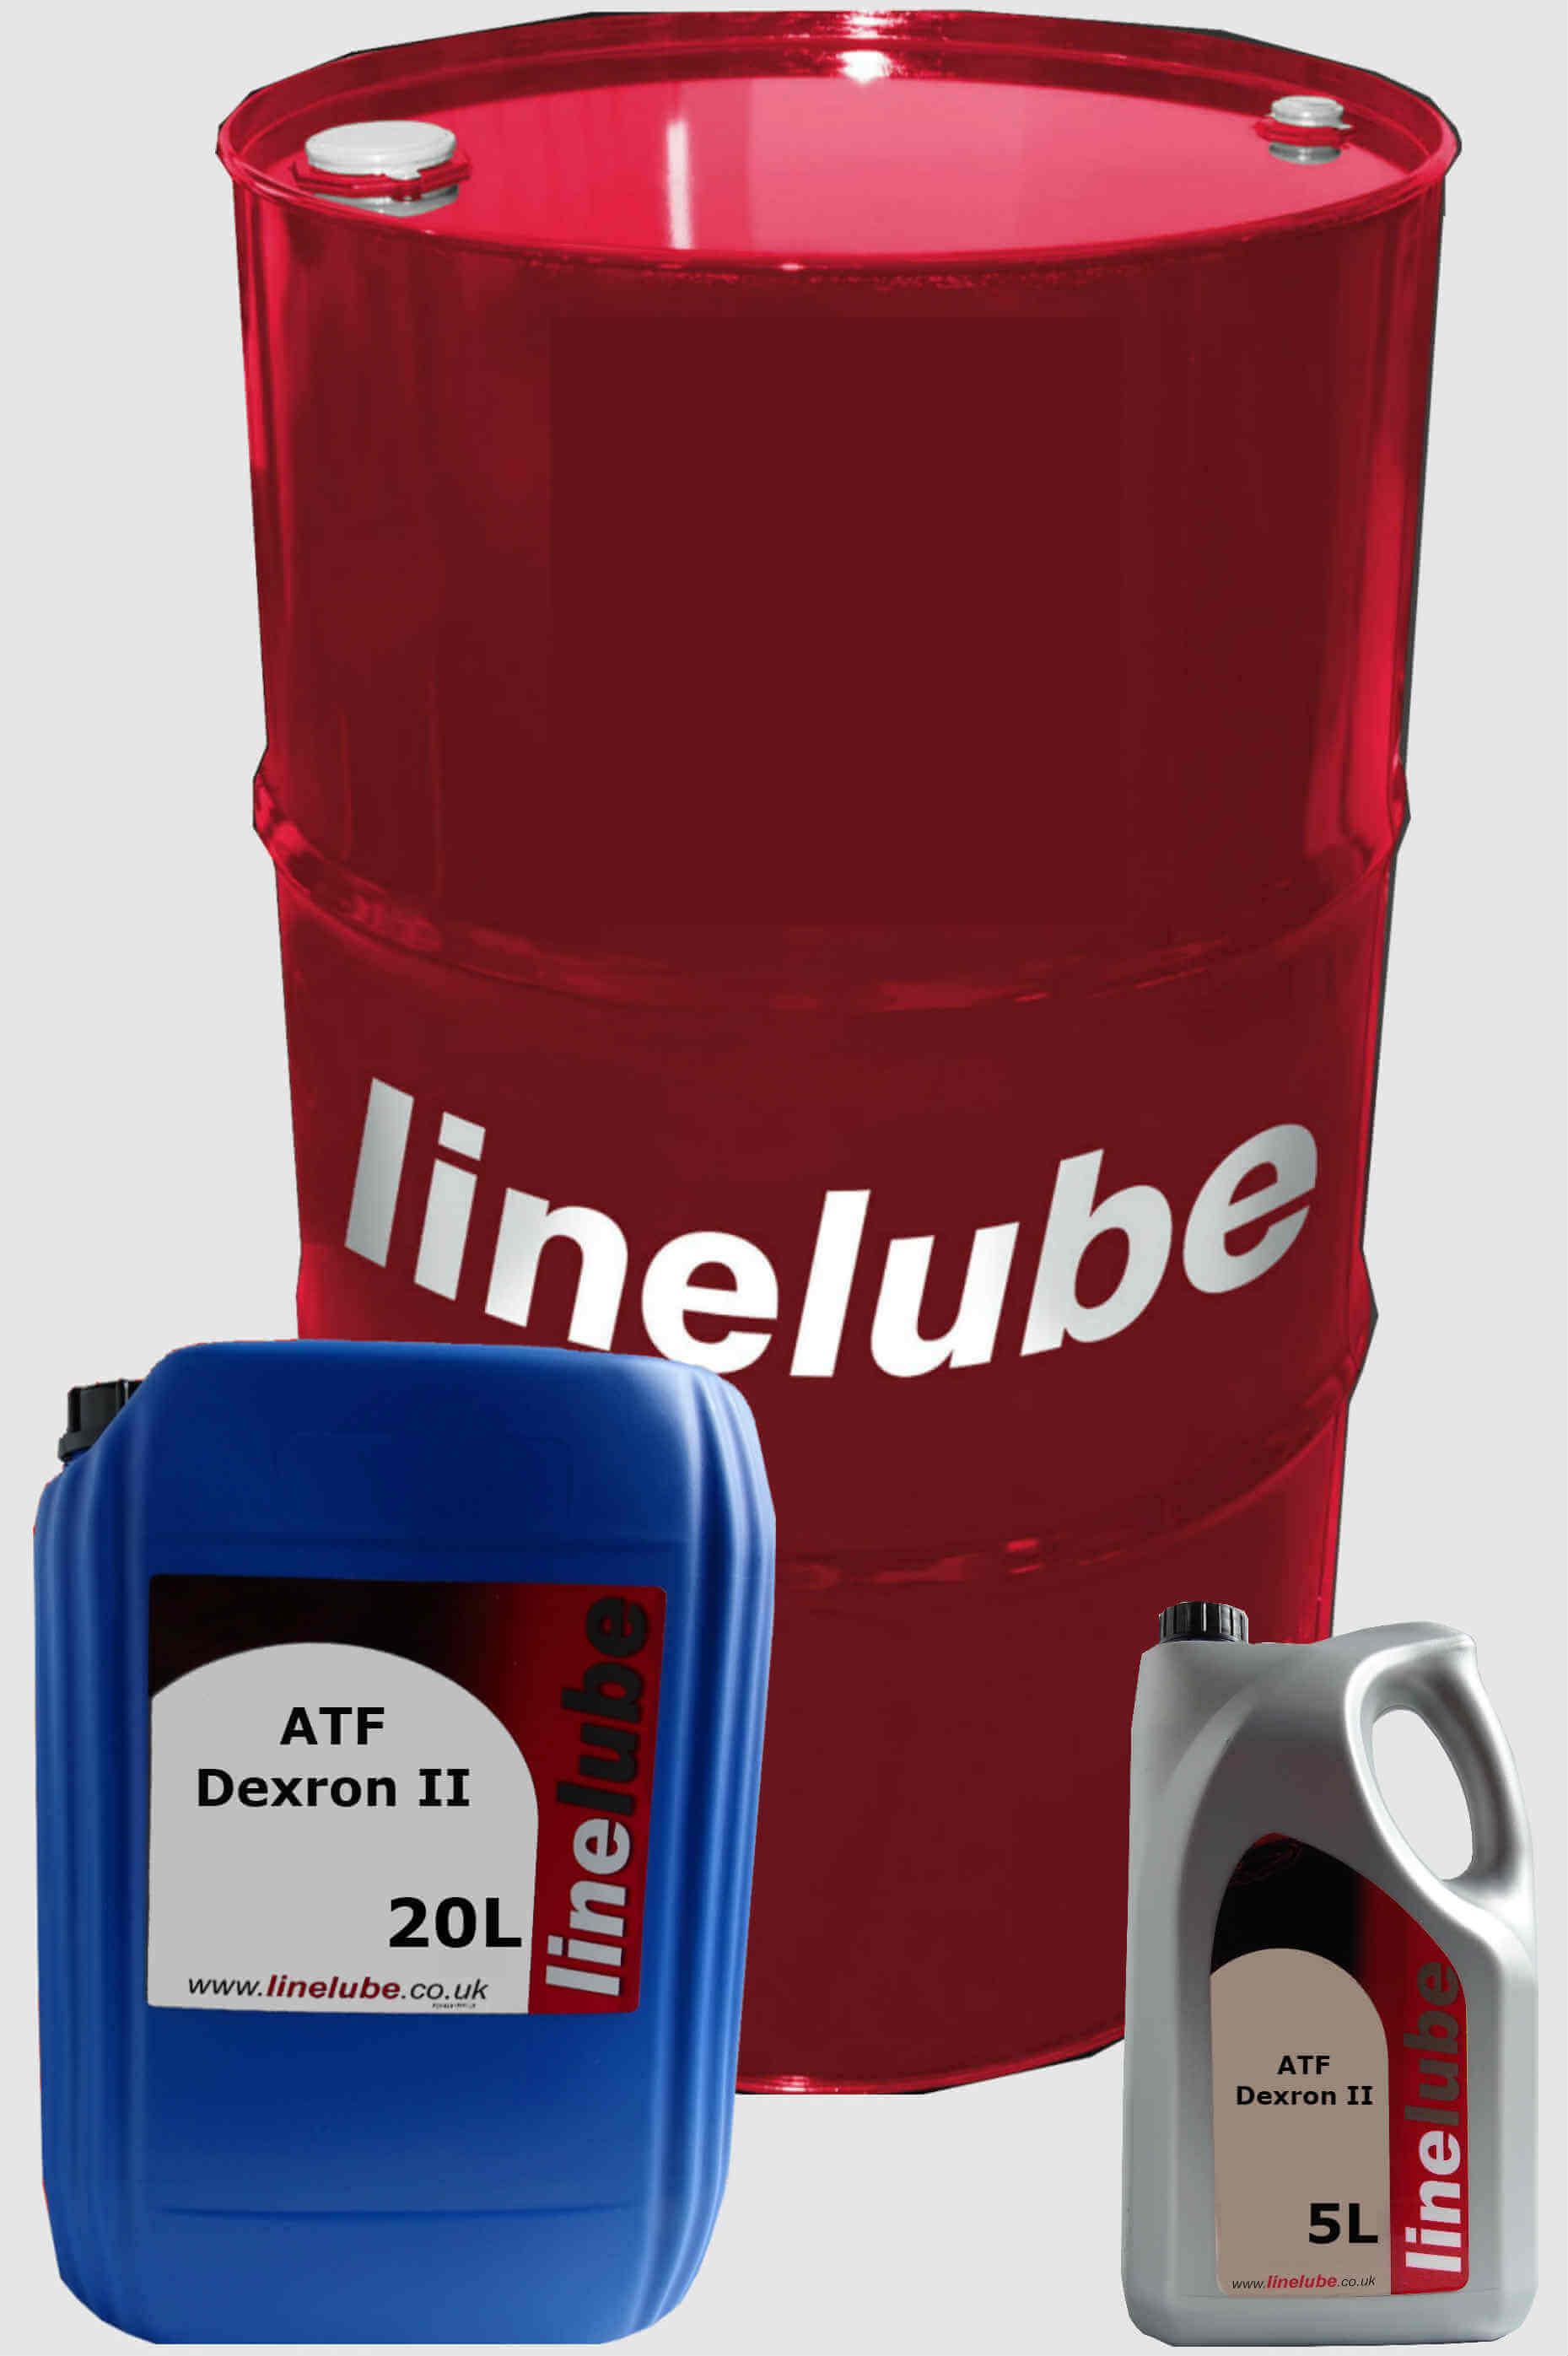 Linelube ATF Dexron II